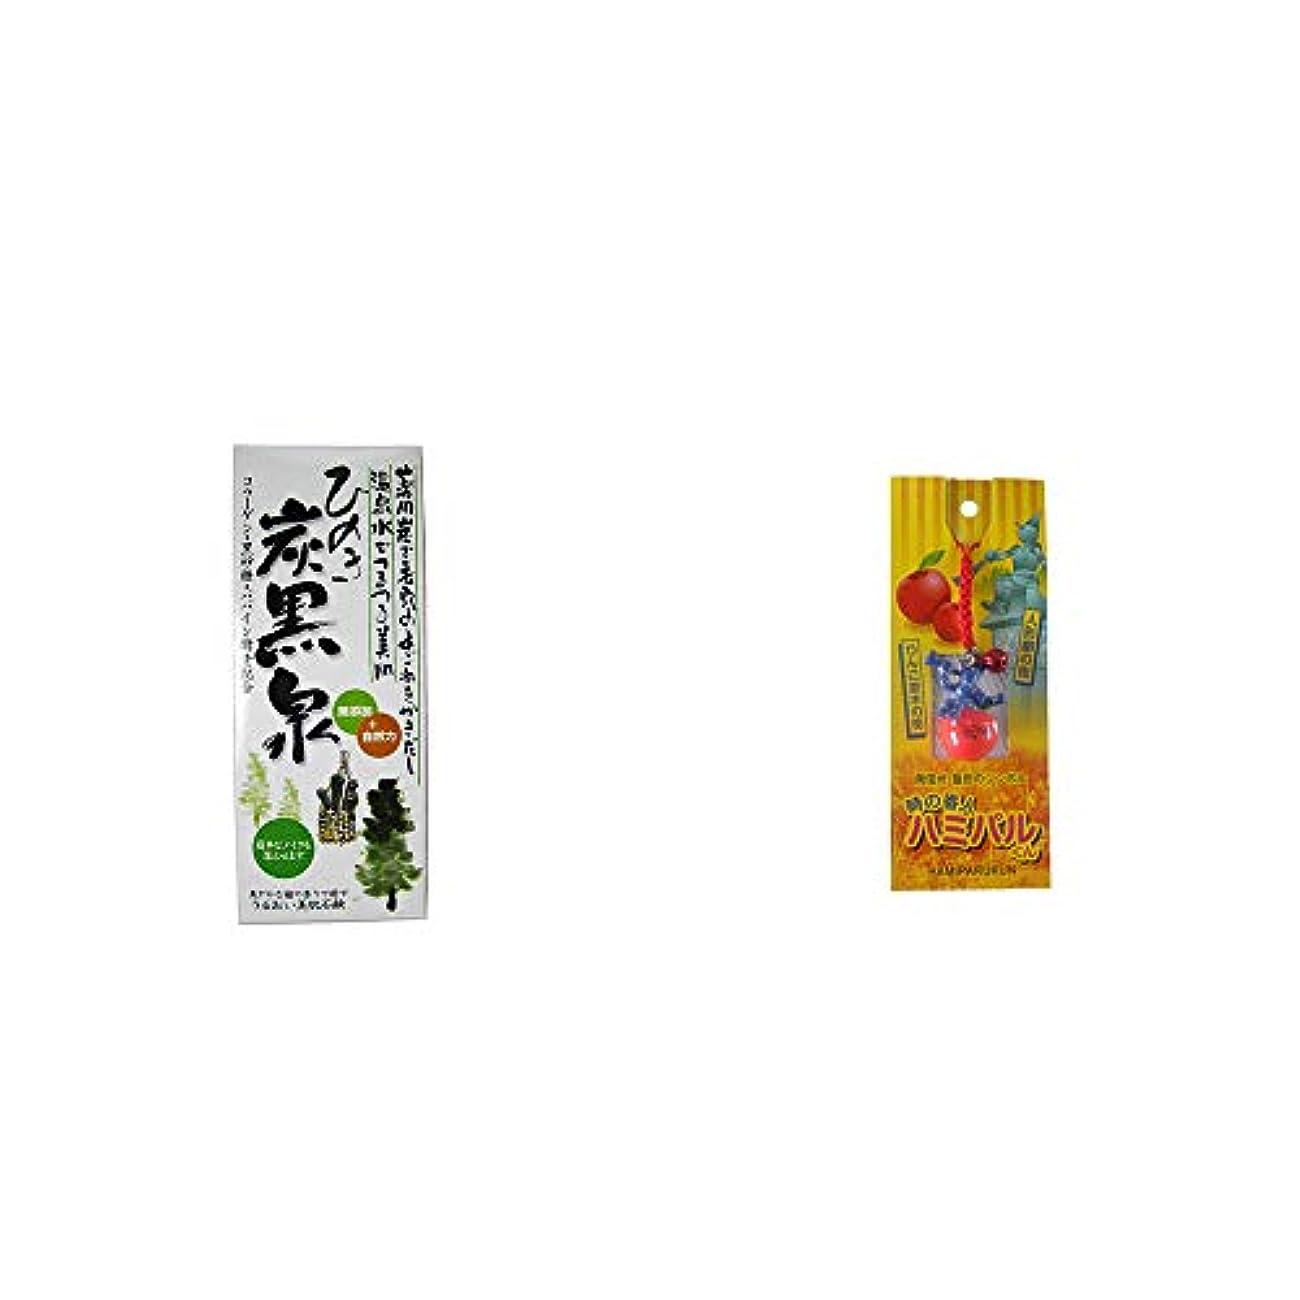 私長方形気まぐれな[2点セット] ひのき炭黒泉 箱入り(75g×3)?信州?飯田のシンボル 時の番人ハミパルくんストラップ